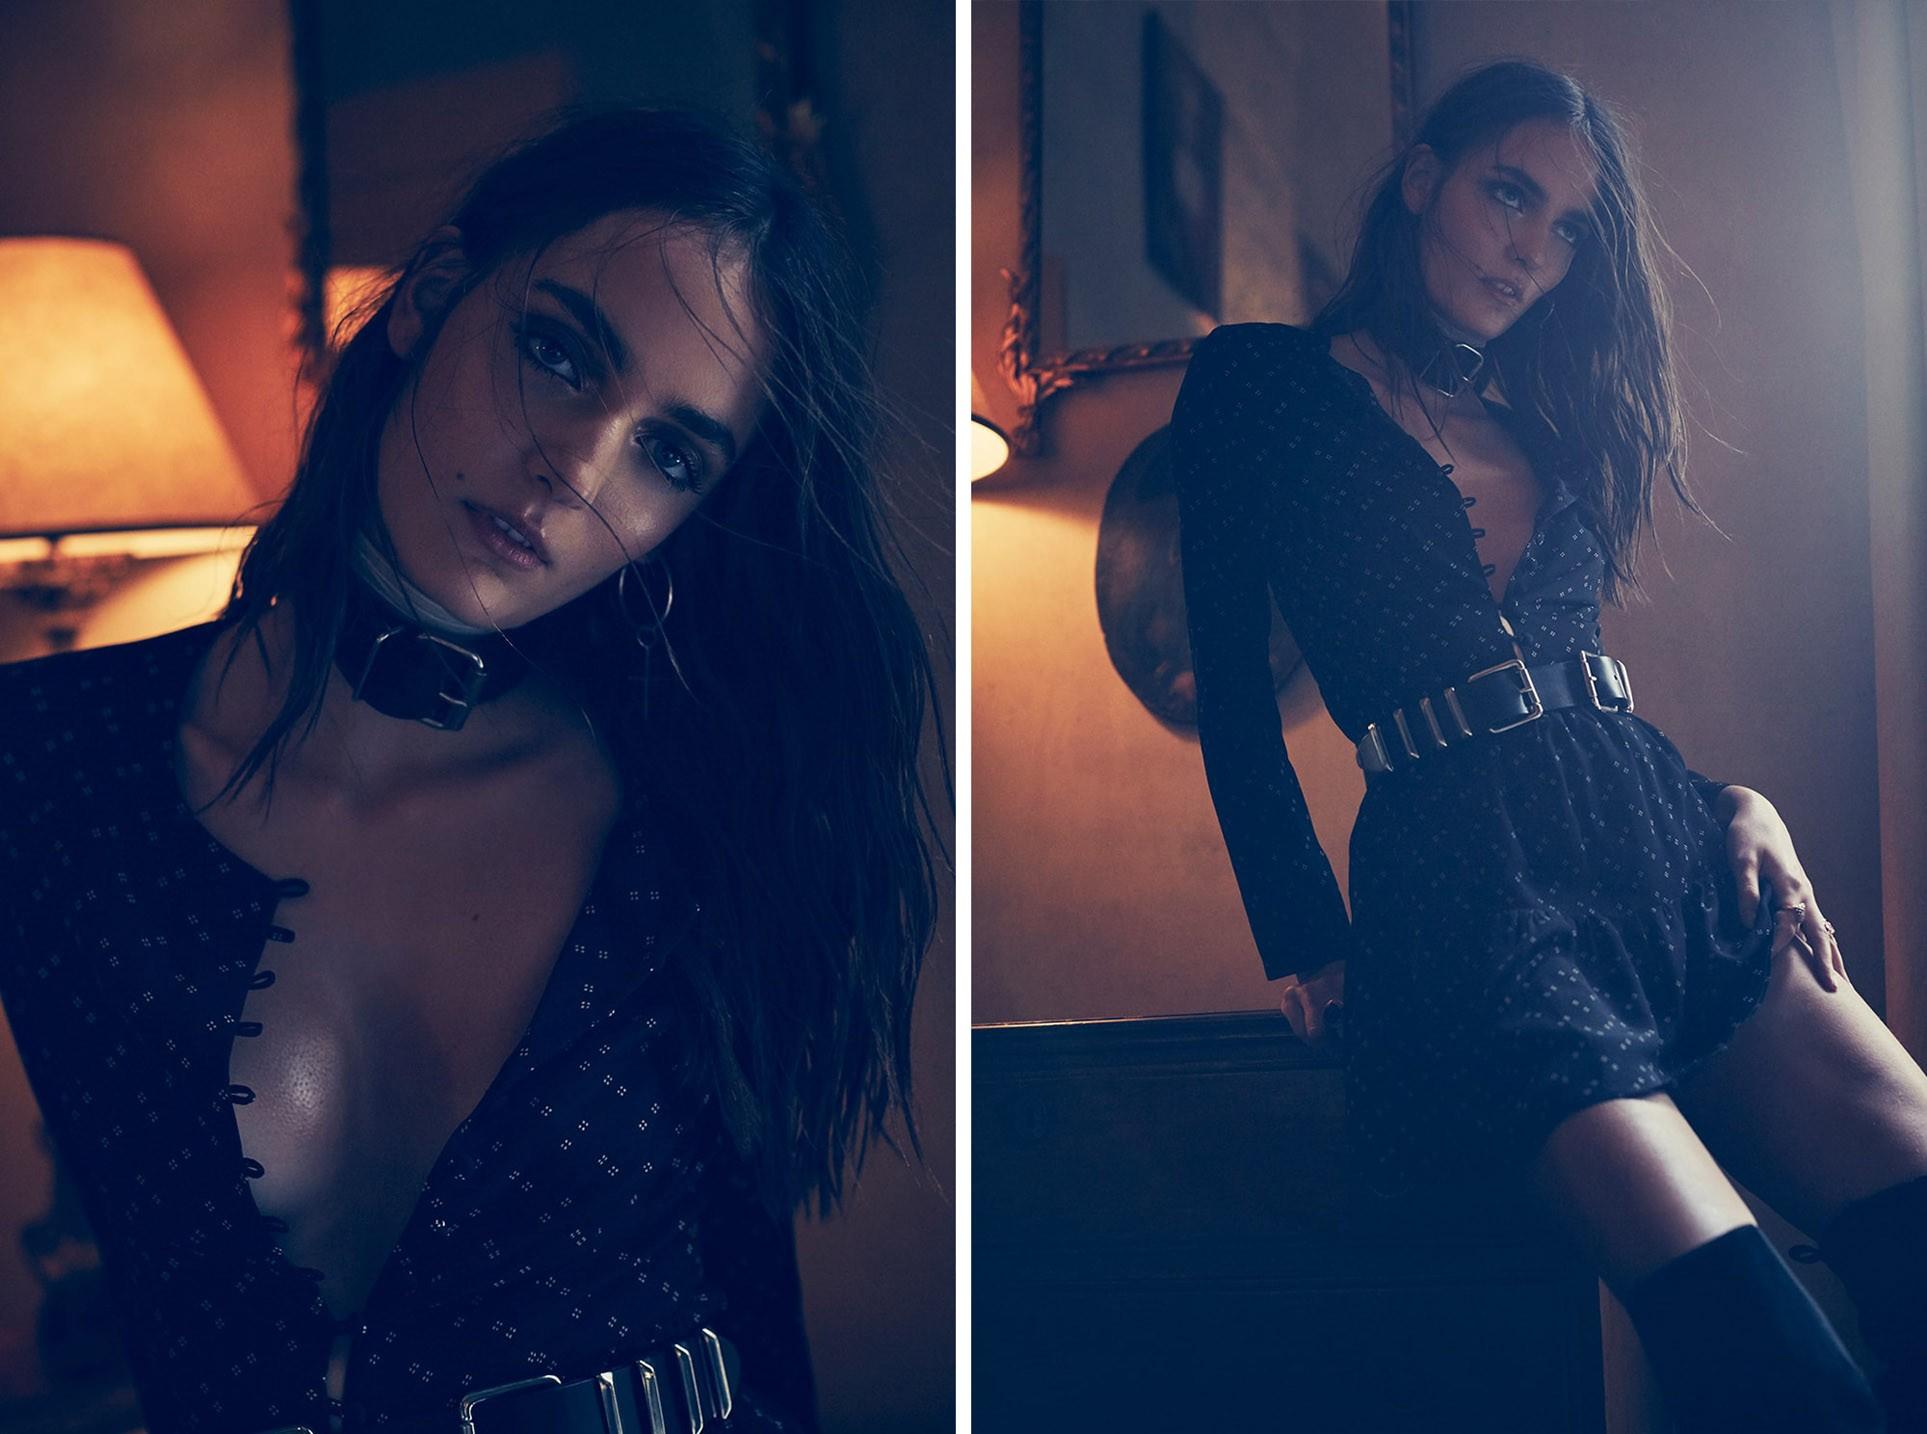 Зюзанна Бьох в коллекции модной одежды Flynn Skye fall 2016 - Zuzanna Bijoch by Zoey Grossman